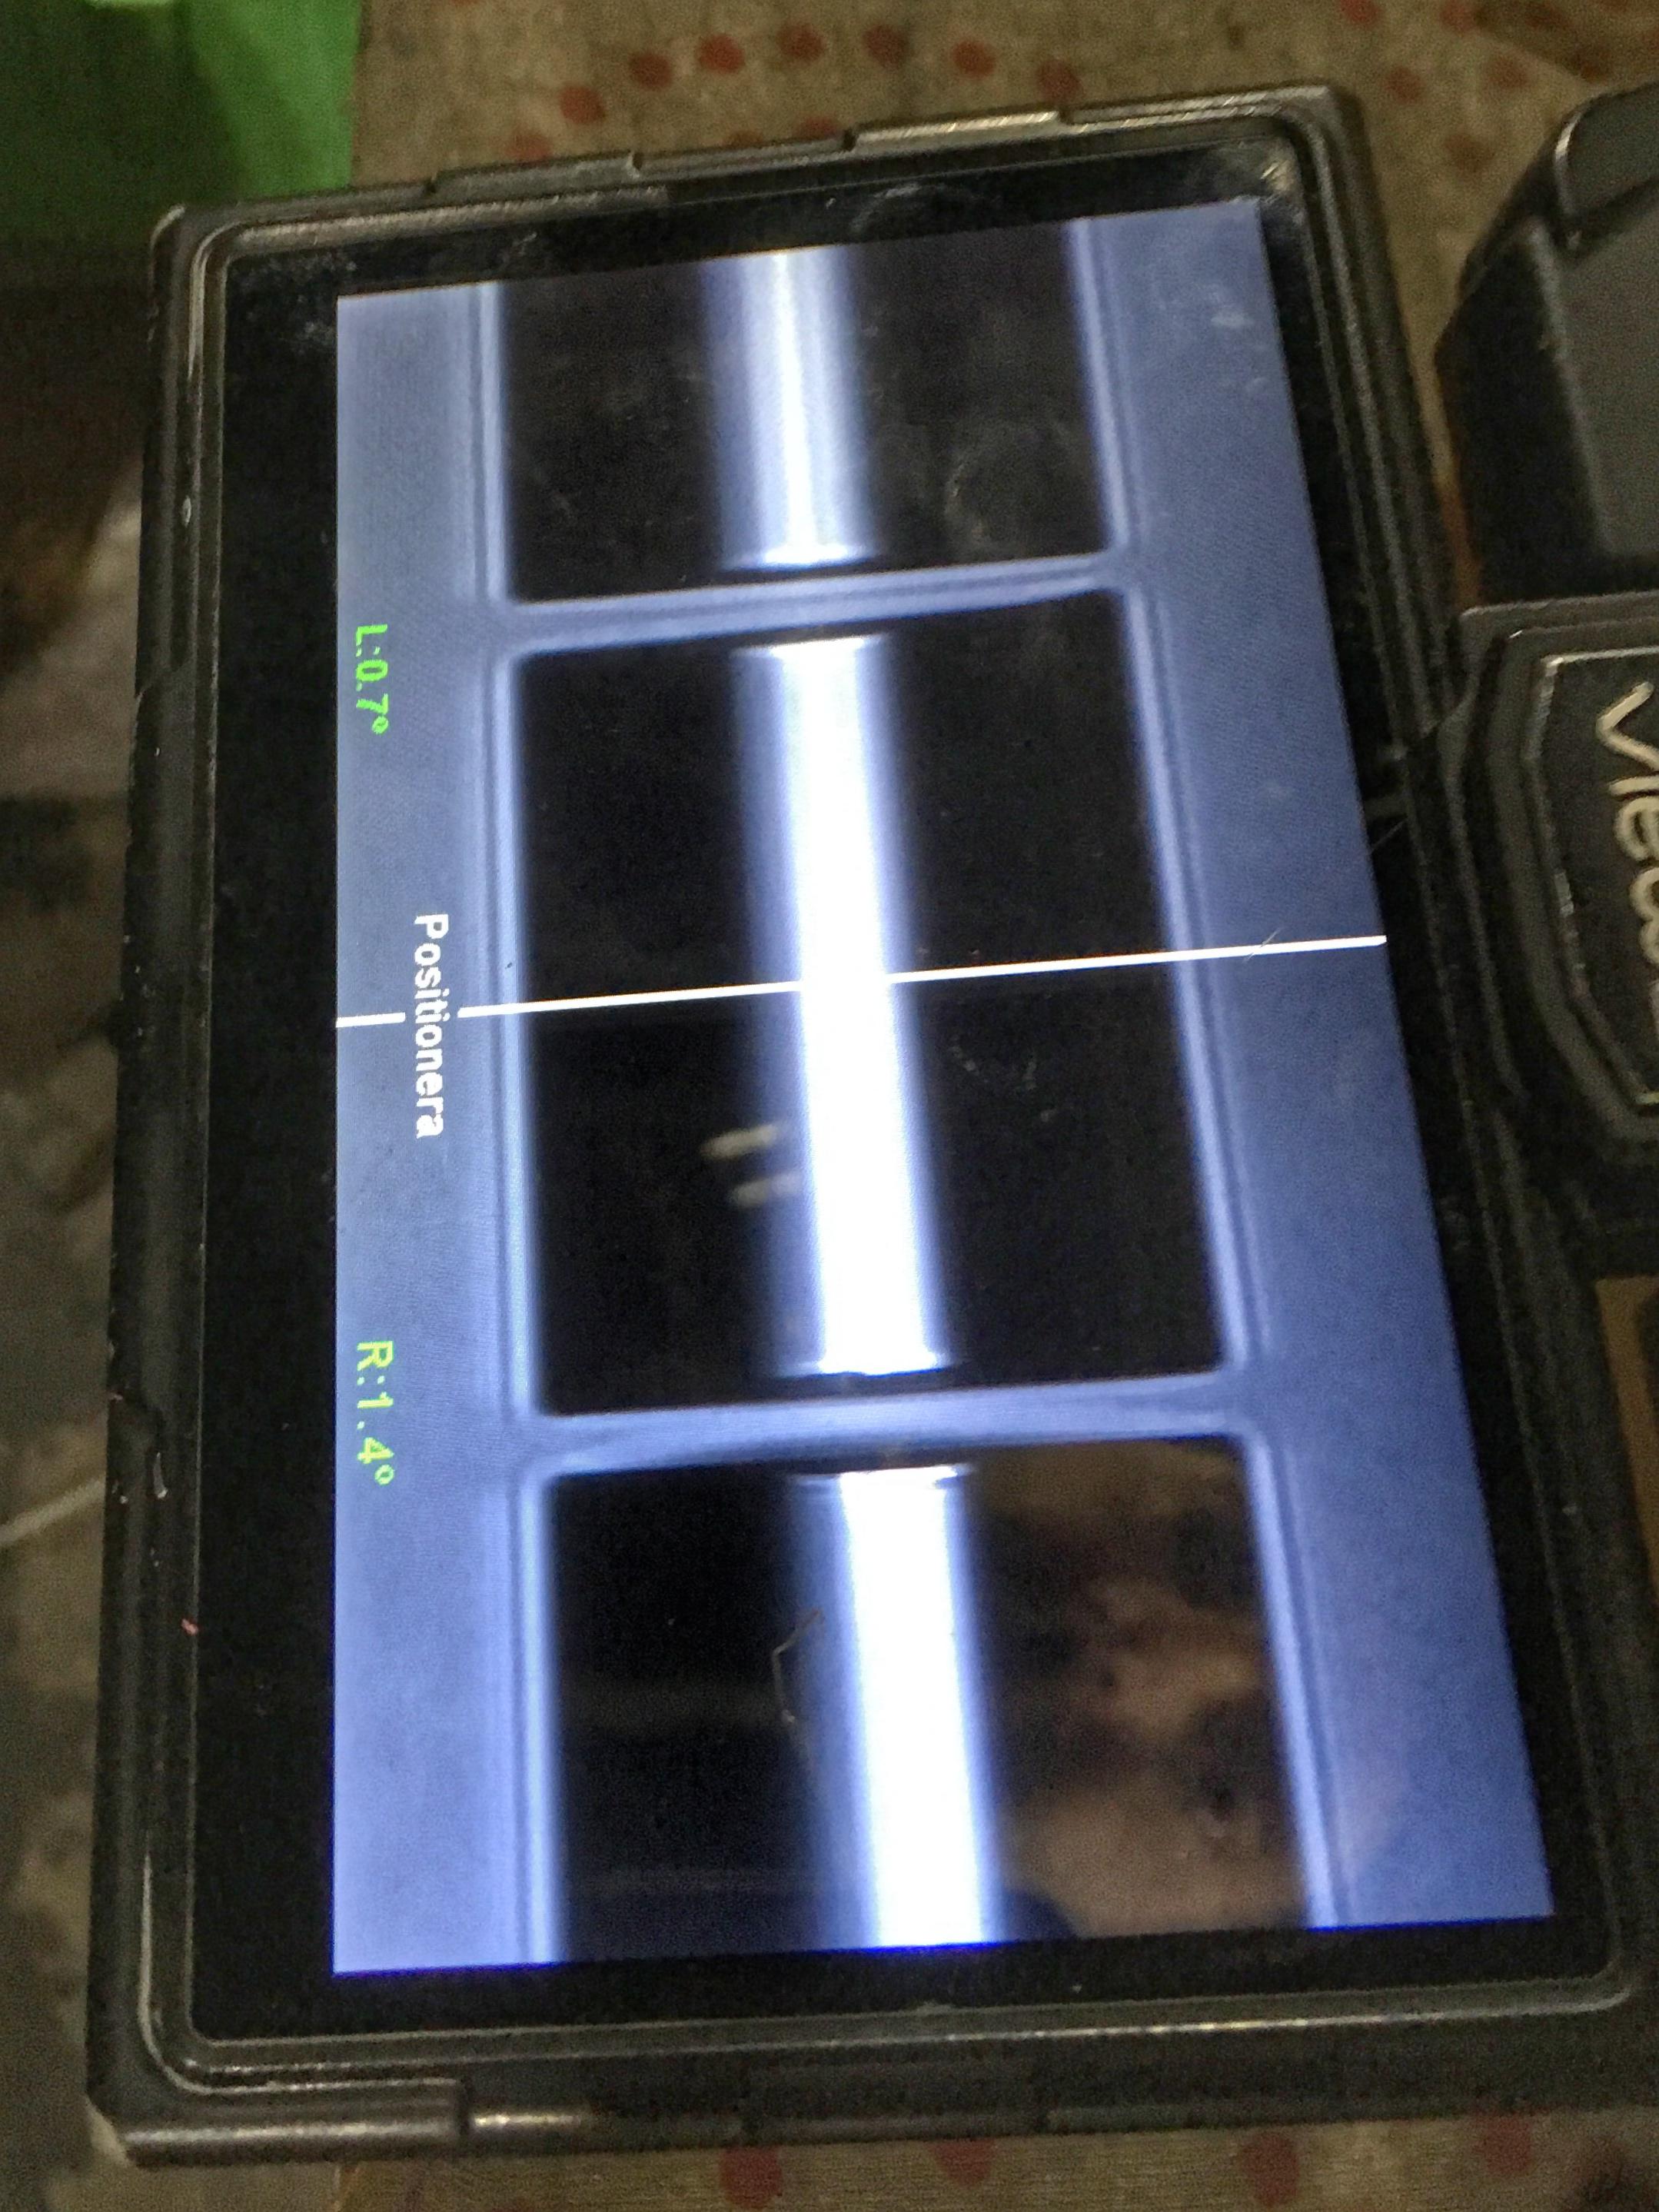 Byafiber – Svetsen granskas via skärmen